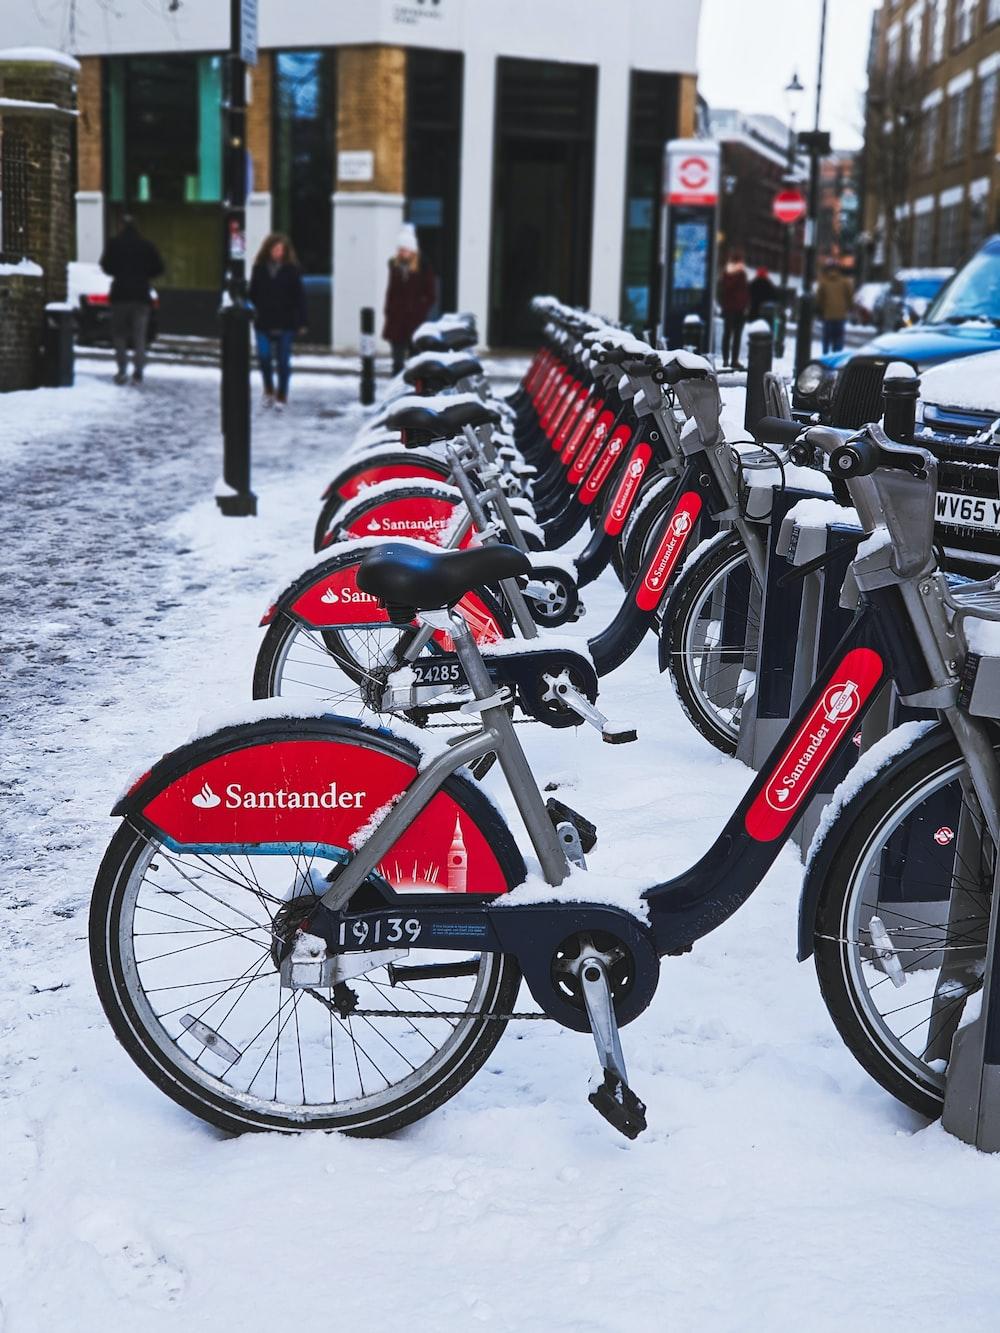 black Santander commuter bike parked on parking lot